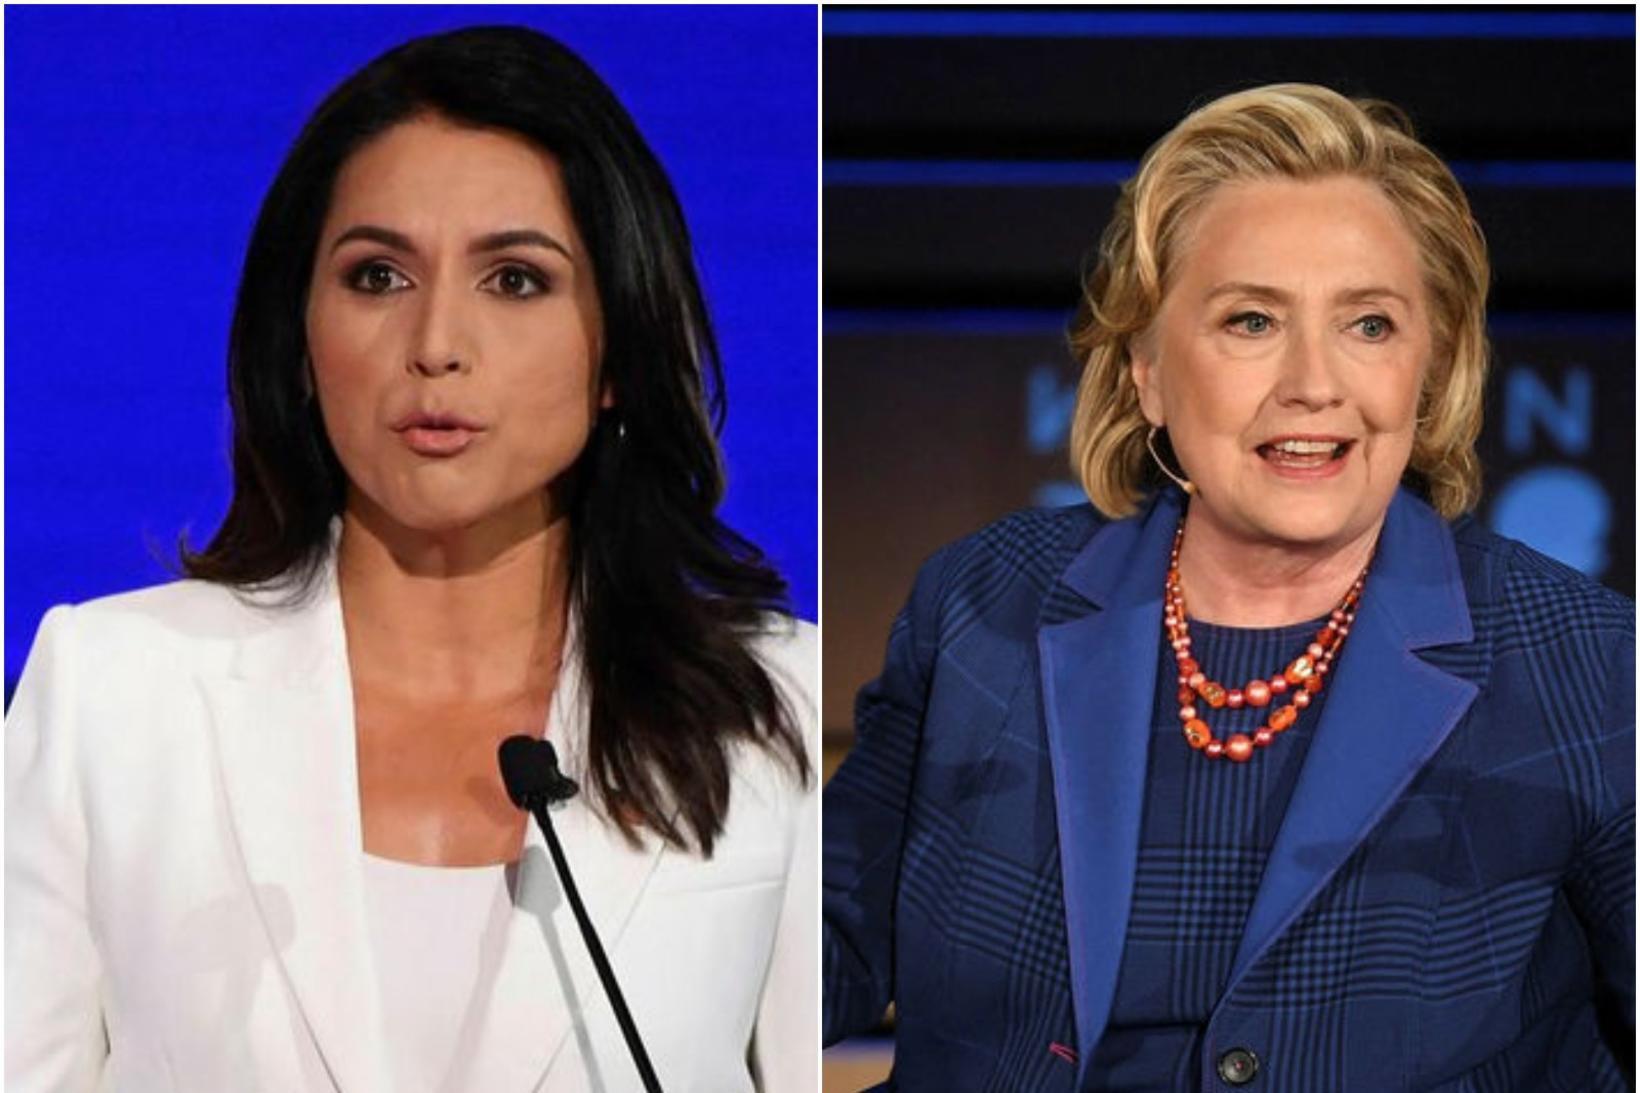 Tulsi Gabbard, frambjóðandi í forvali demókrata, og Hillary Clinton, fyrrverandi …